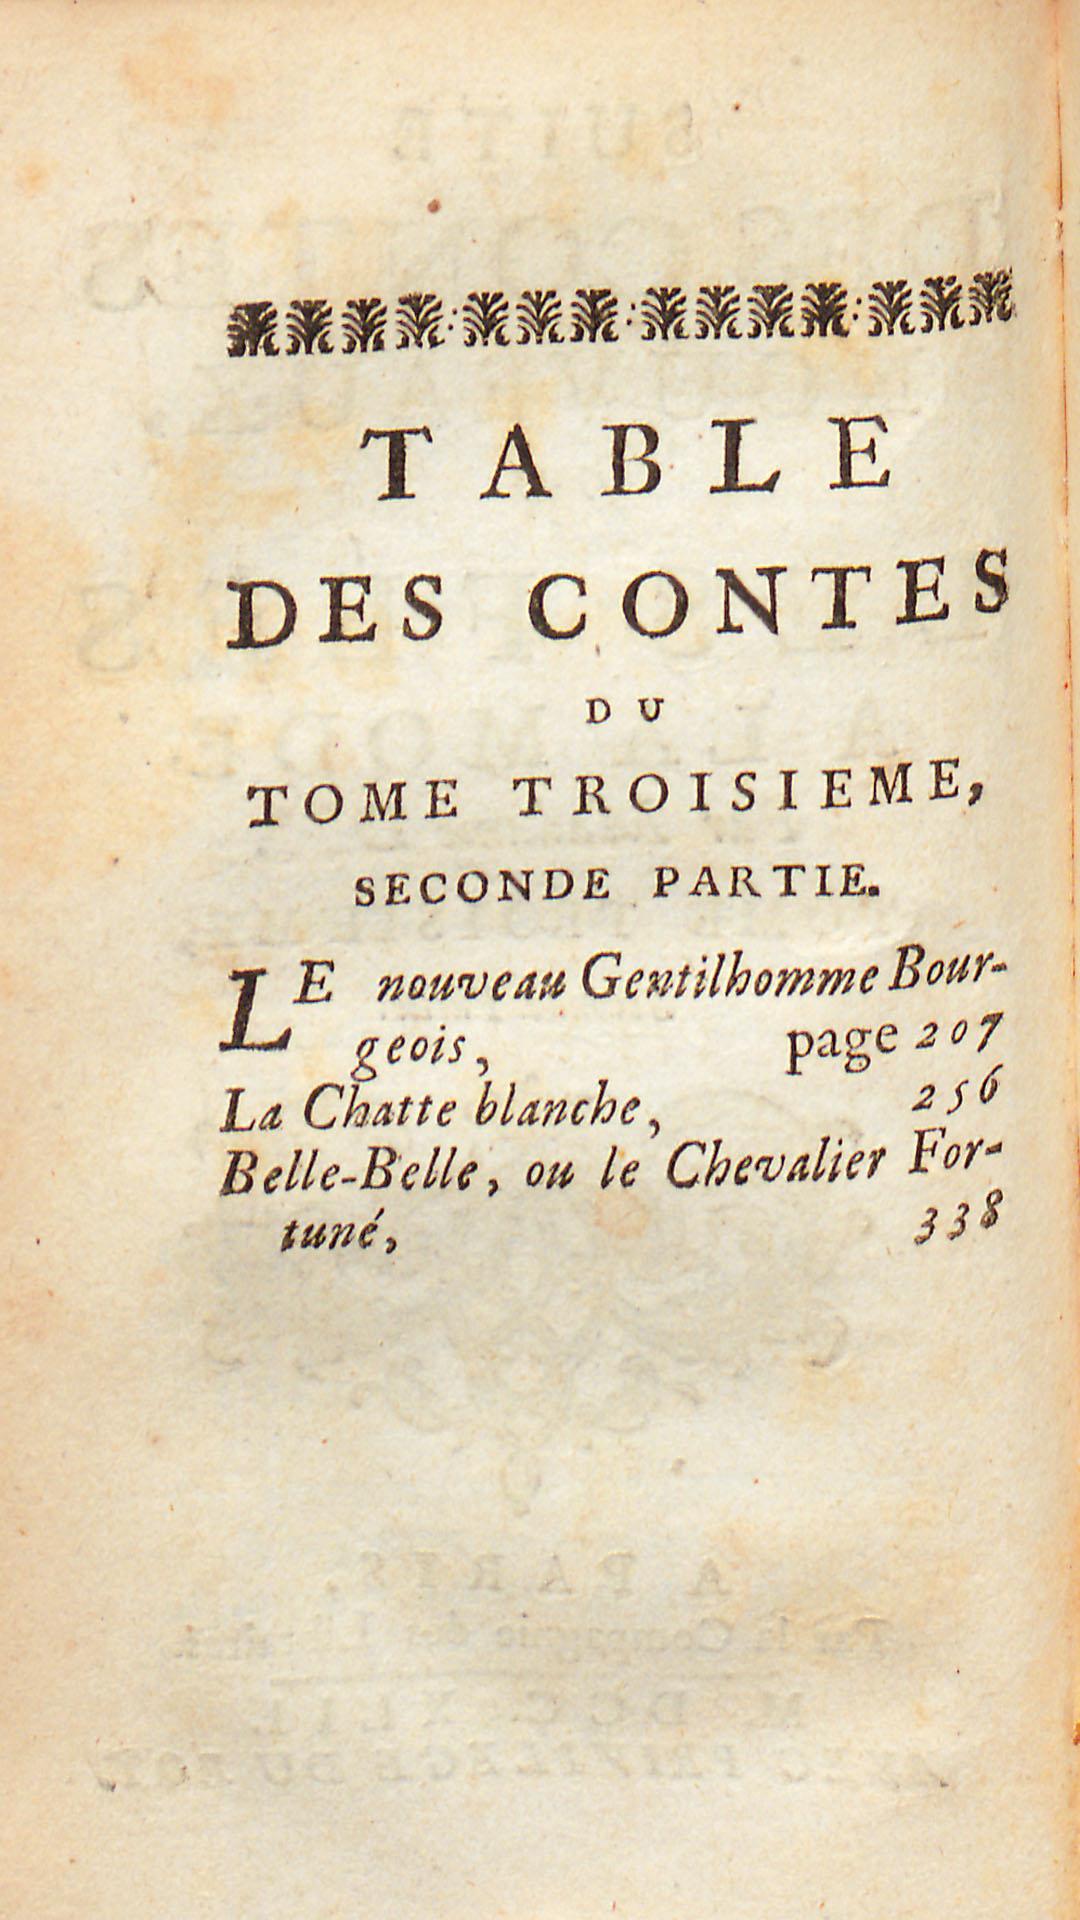 Table des contes, tome troisième, seconde partie